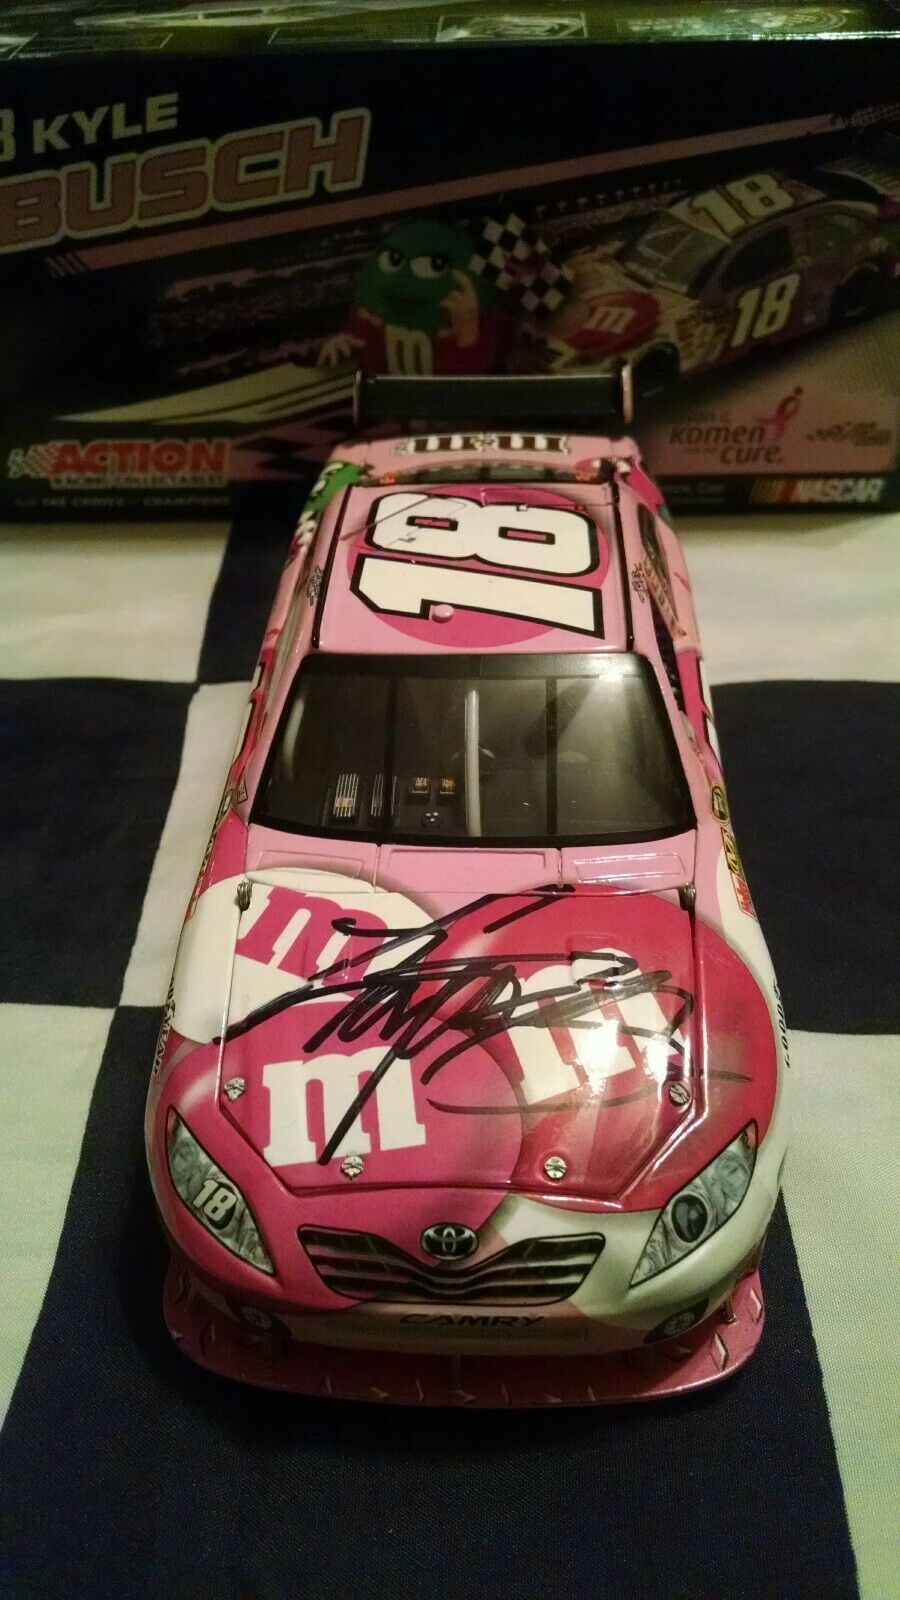 2009 Kyle Busch autographié ROSE M & M's Susan G Komen 1 24